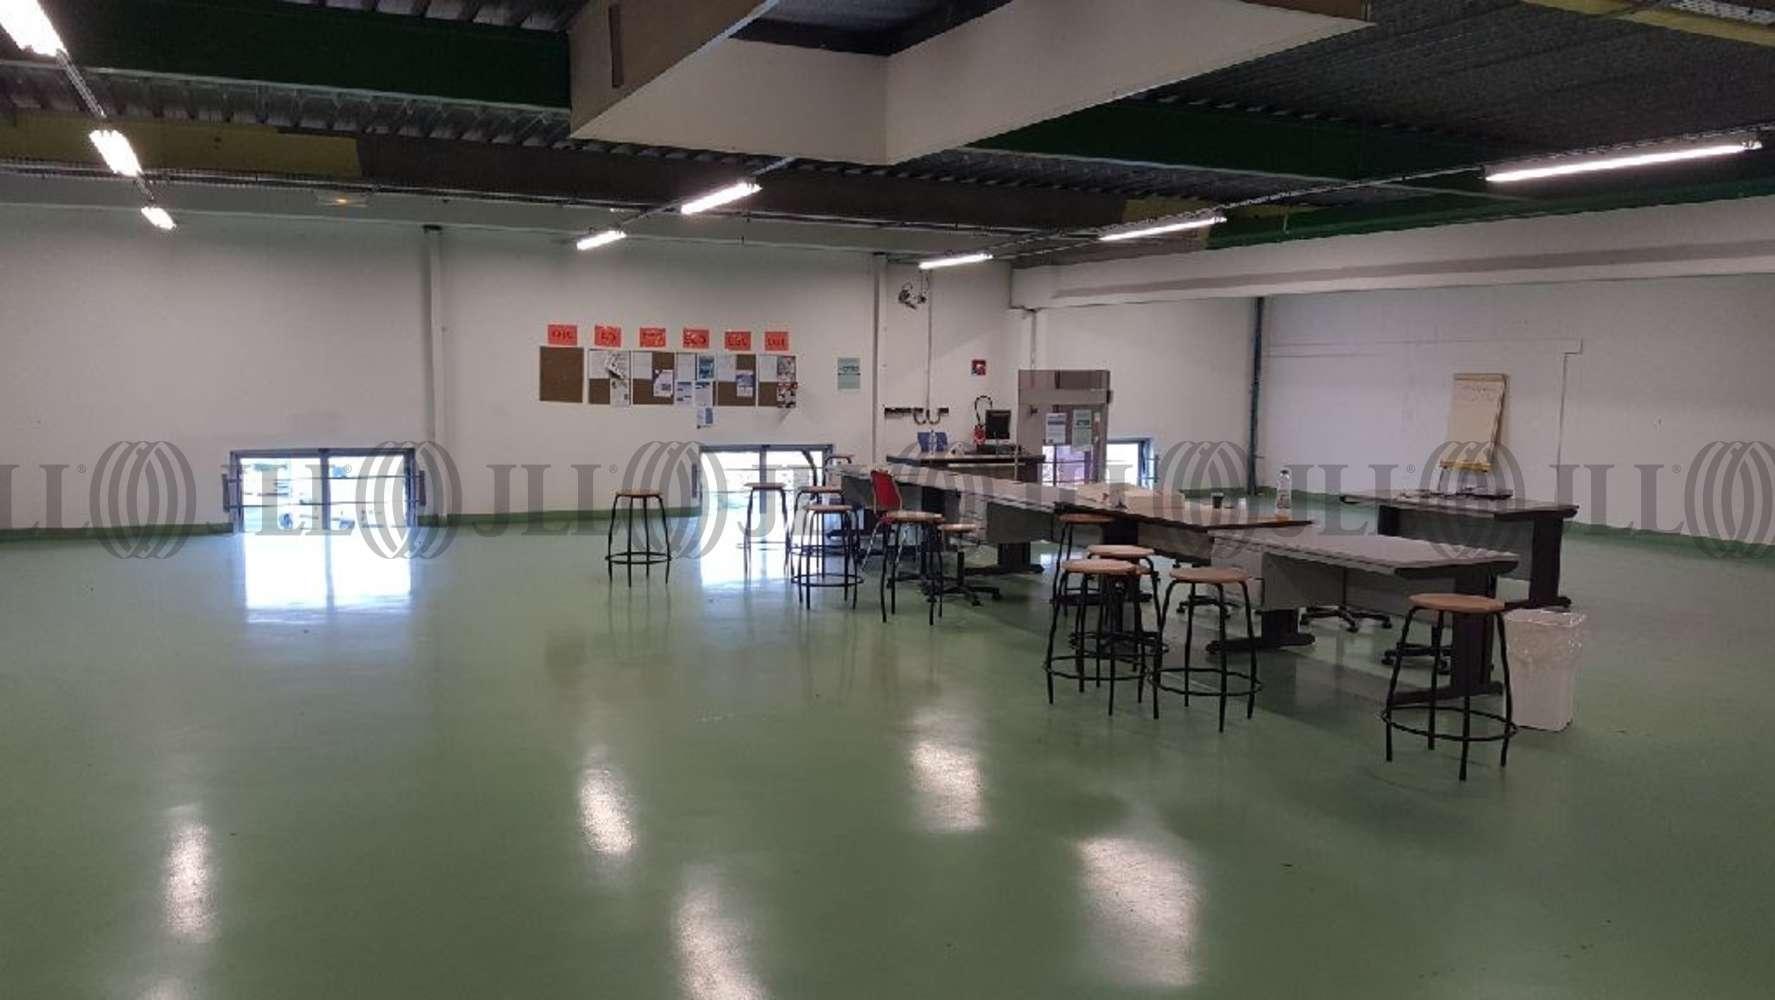 Activités/entrepôt Bagneux, 92220 - 5-7 ALLEE DU PARC DE GARLANDE - 9458445